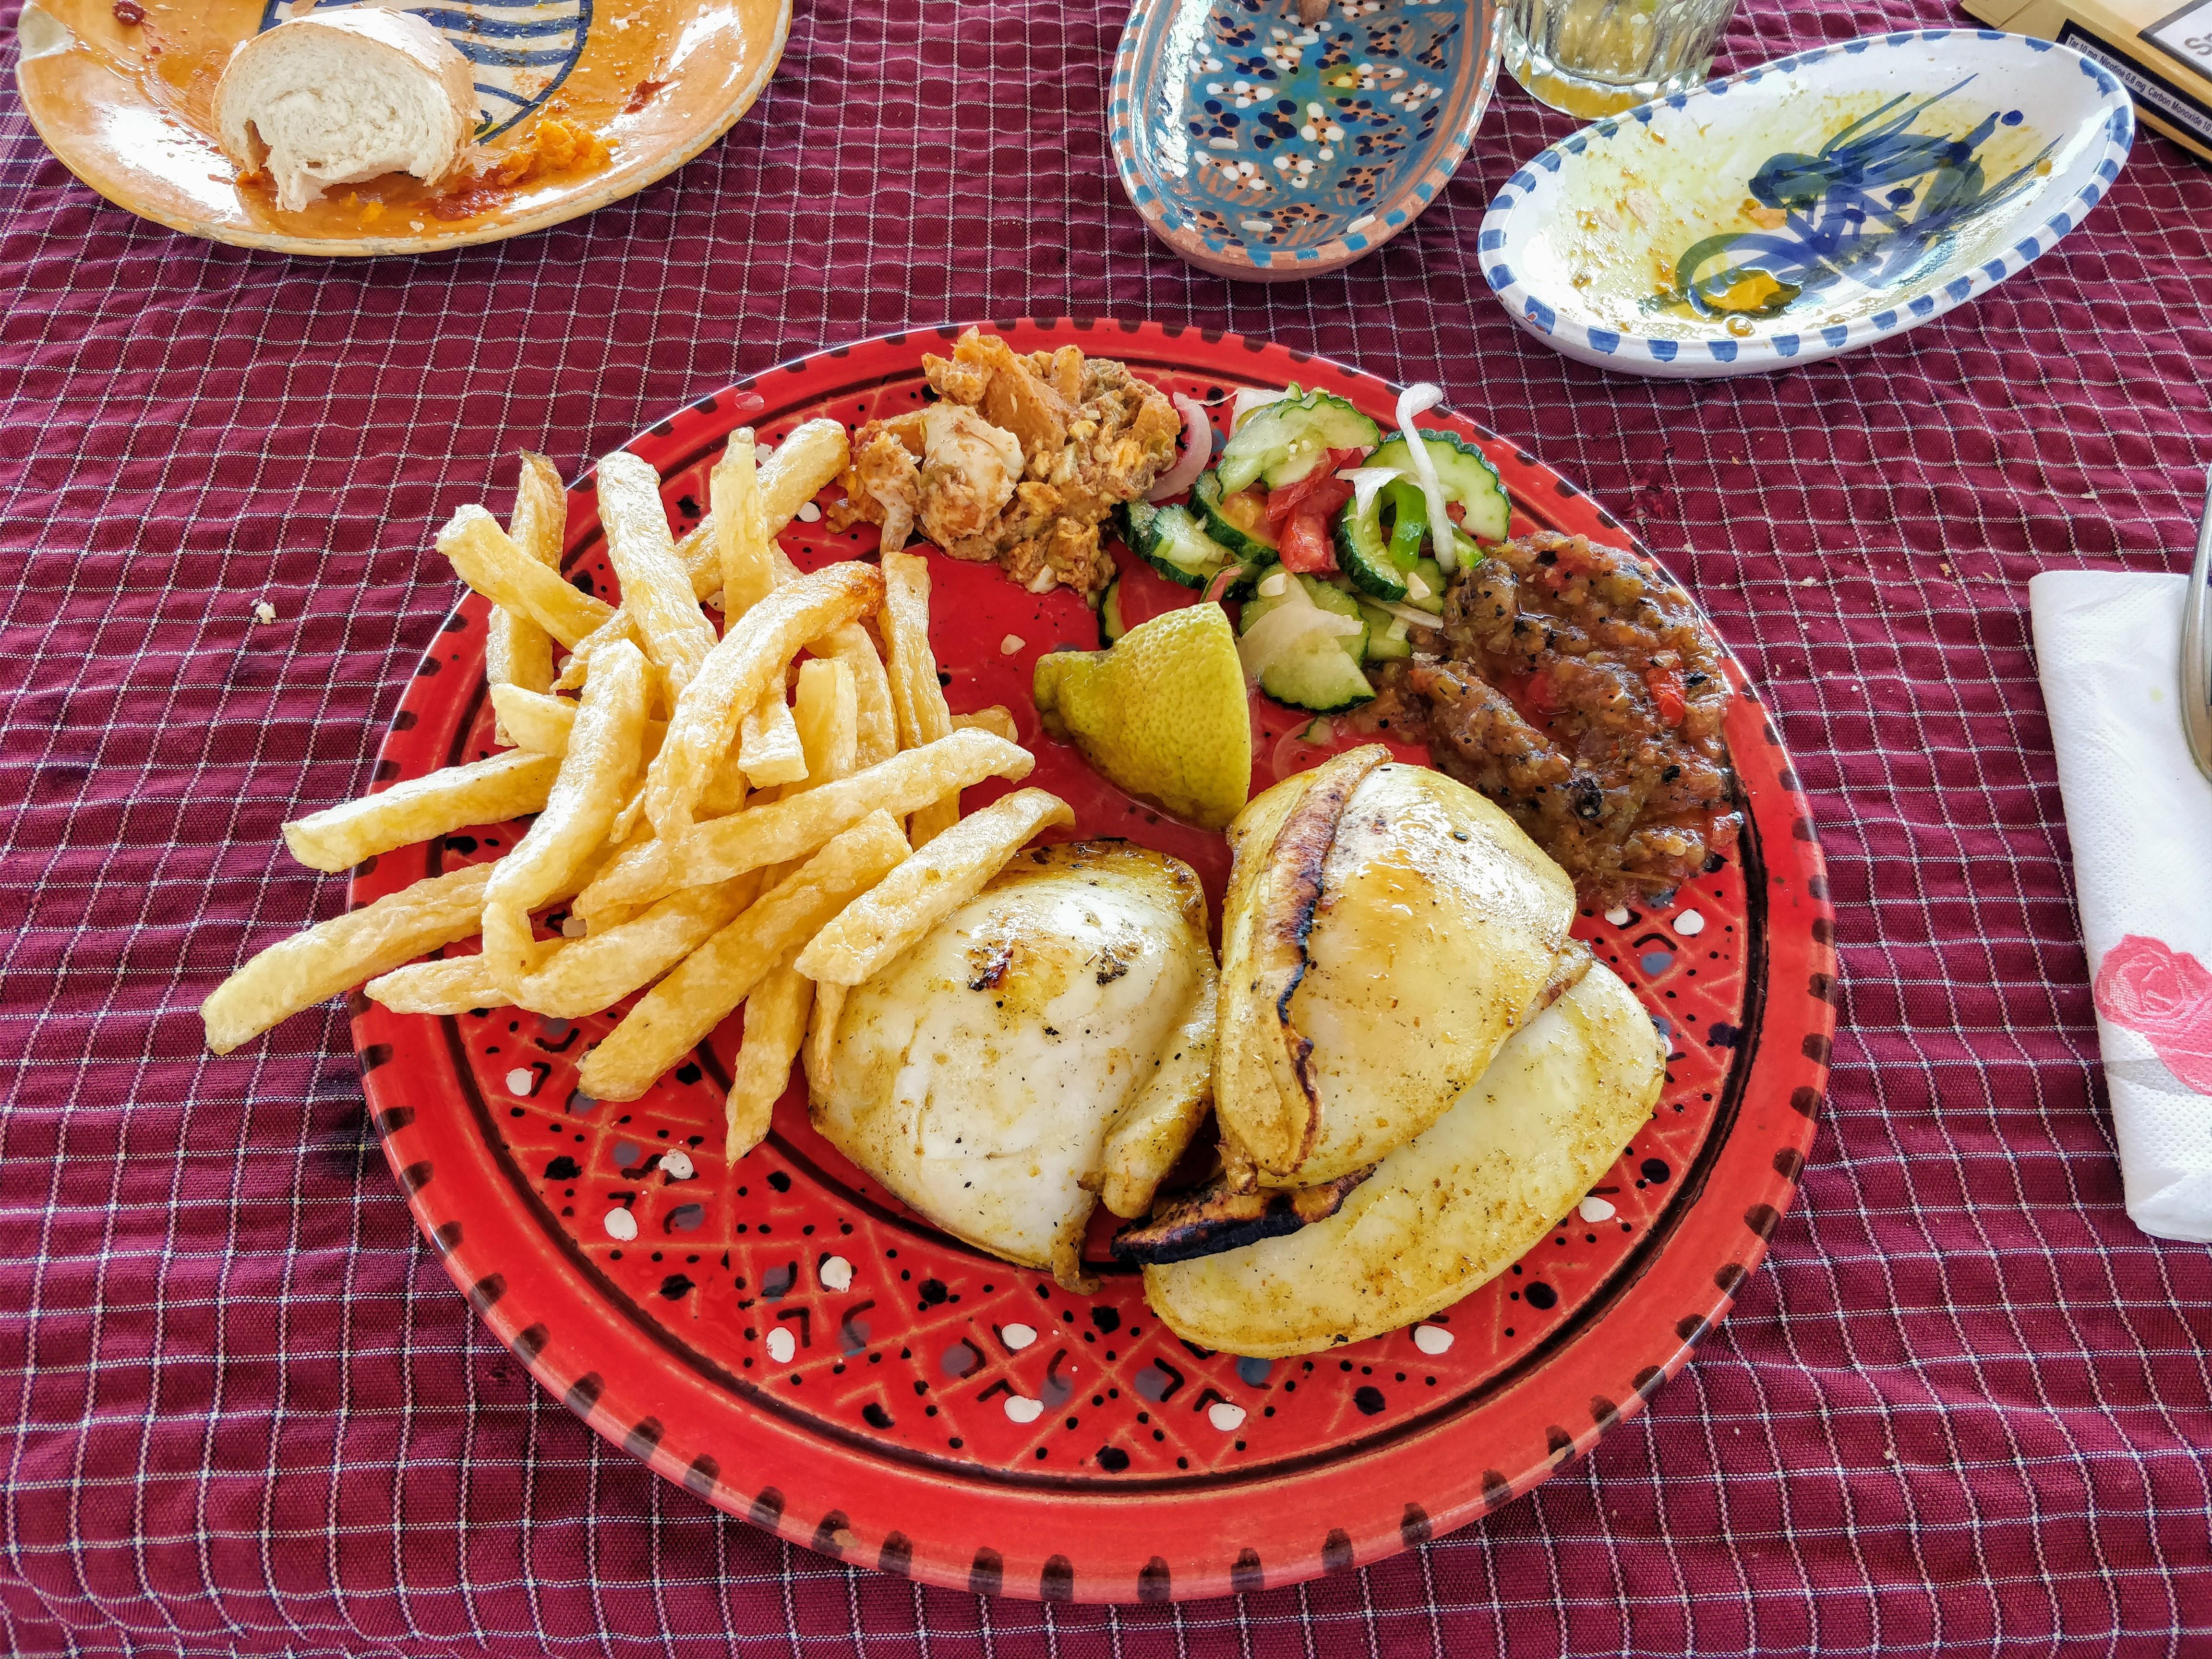 http://foodloader.net/nico_2017-08-17_tintenfisch-vom-grill-mit-pommes.jpg